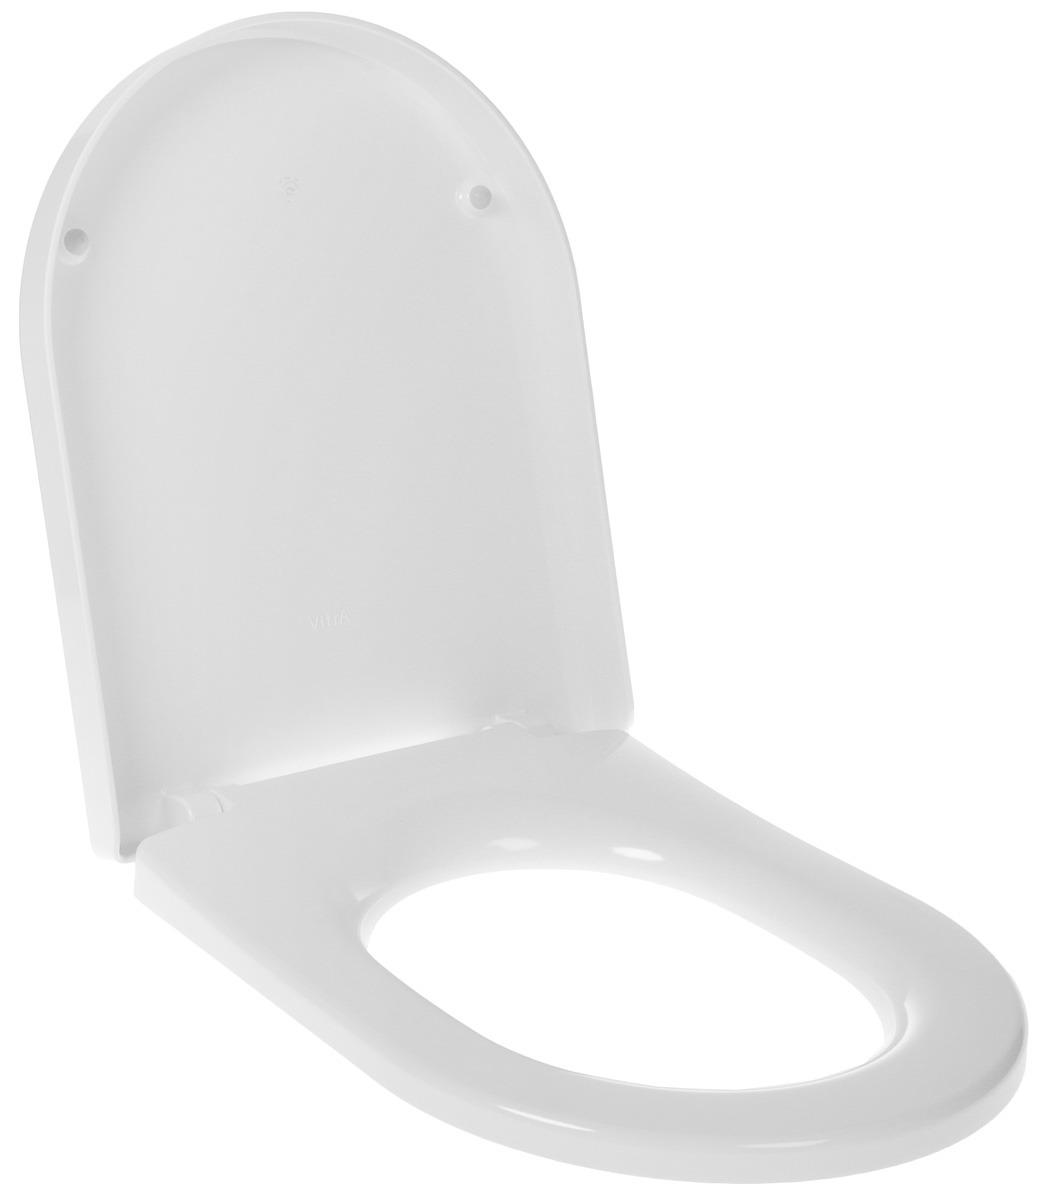 Сиденье для унитаза Vitra, универсальное, микролифт (прямое), 801-003-009, белый унитаз чаша vitra s 20 для инвалидов 5293b003 0075